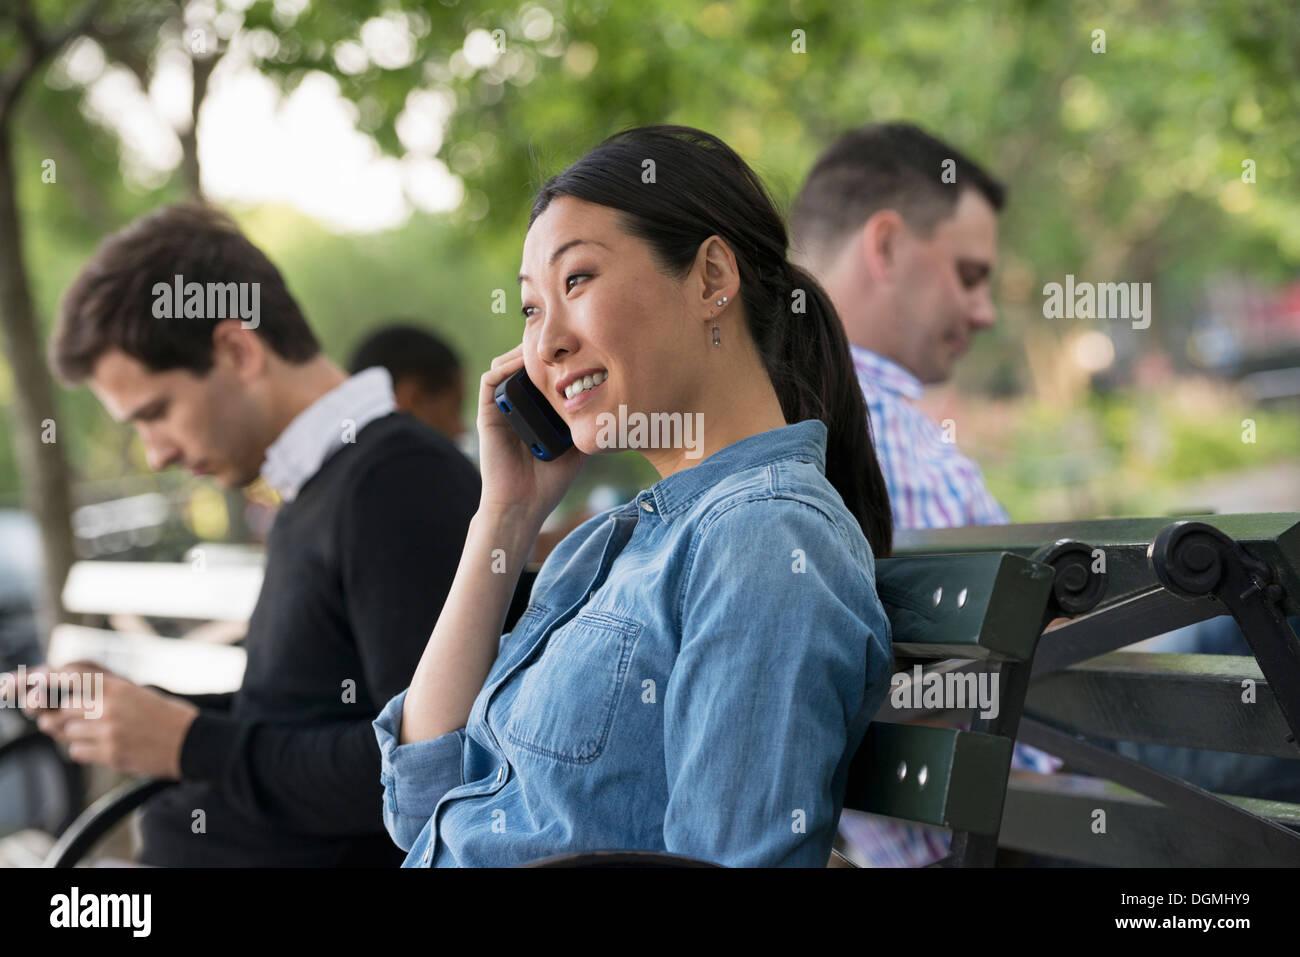 L'été dans la ville. Une femme et trois hommes assis dans le parc, chacun sur leur propre téléphone ou à l'aide d'une tablette. Photo Stock